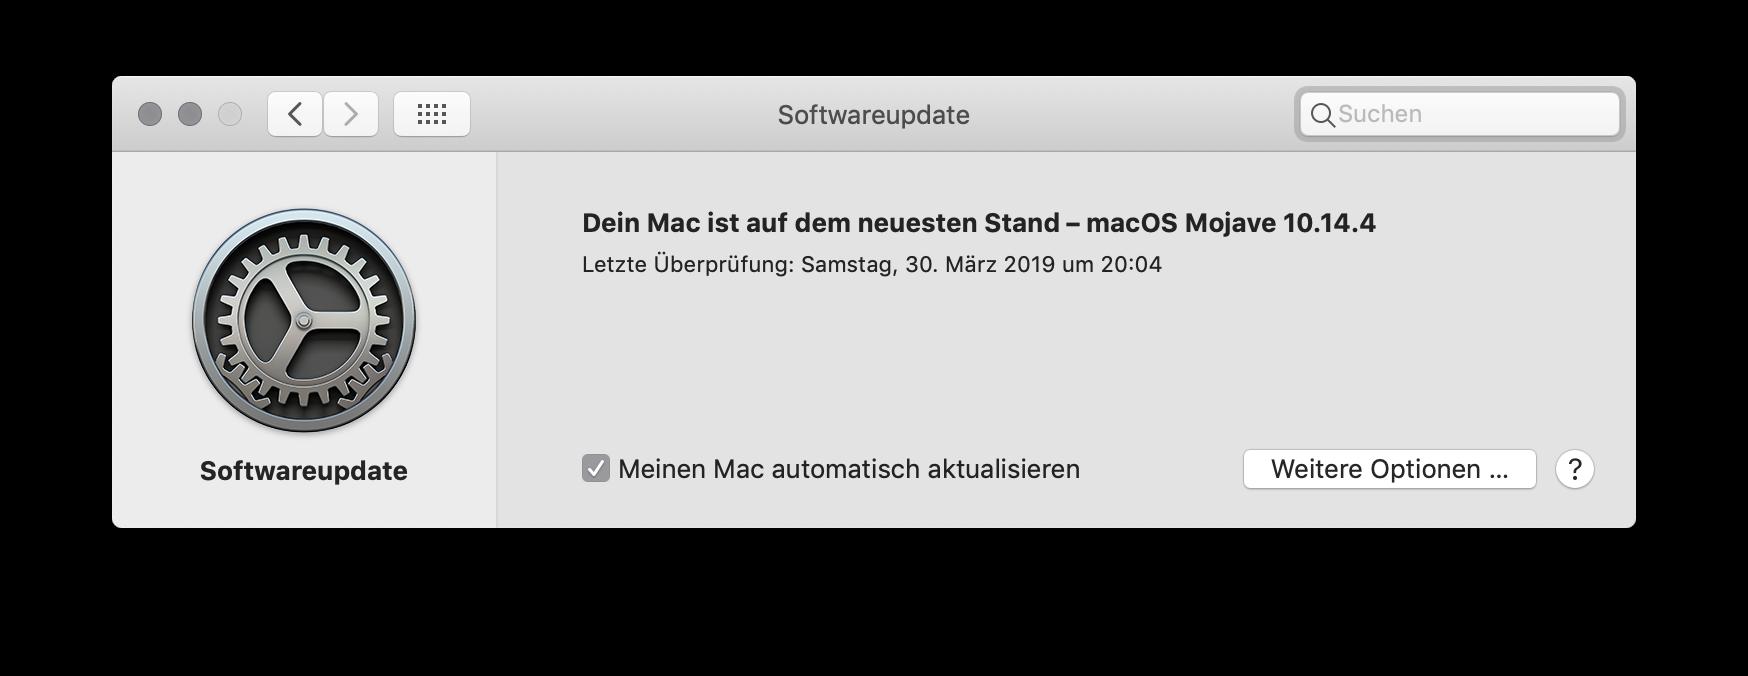 Updates für das System und Apps unter macOS einstellen Meinen Mac automatisch aktualisieren